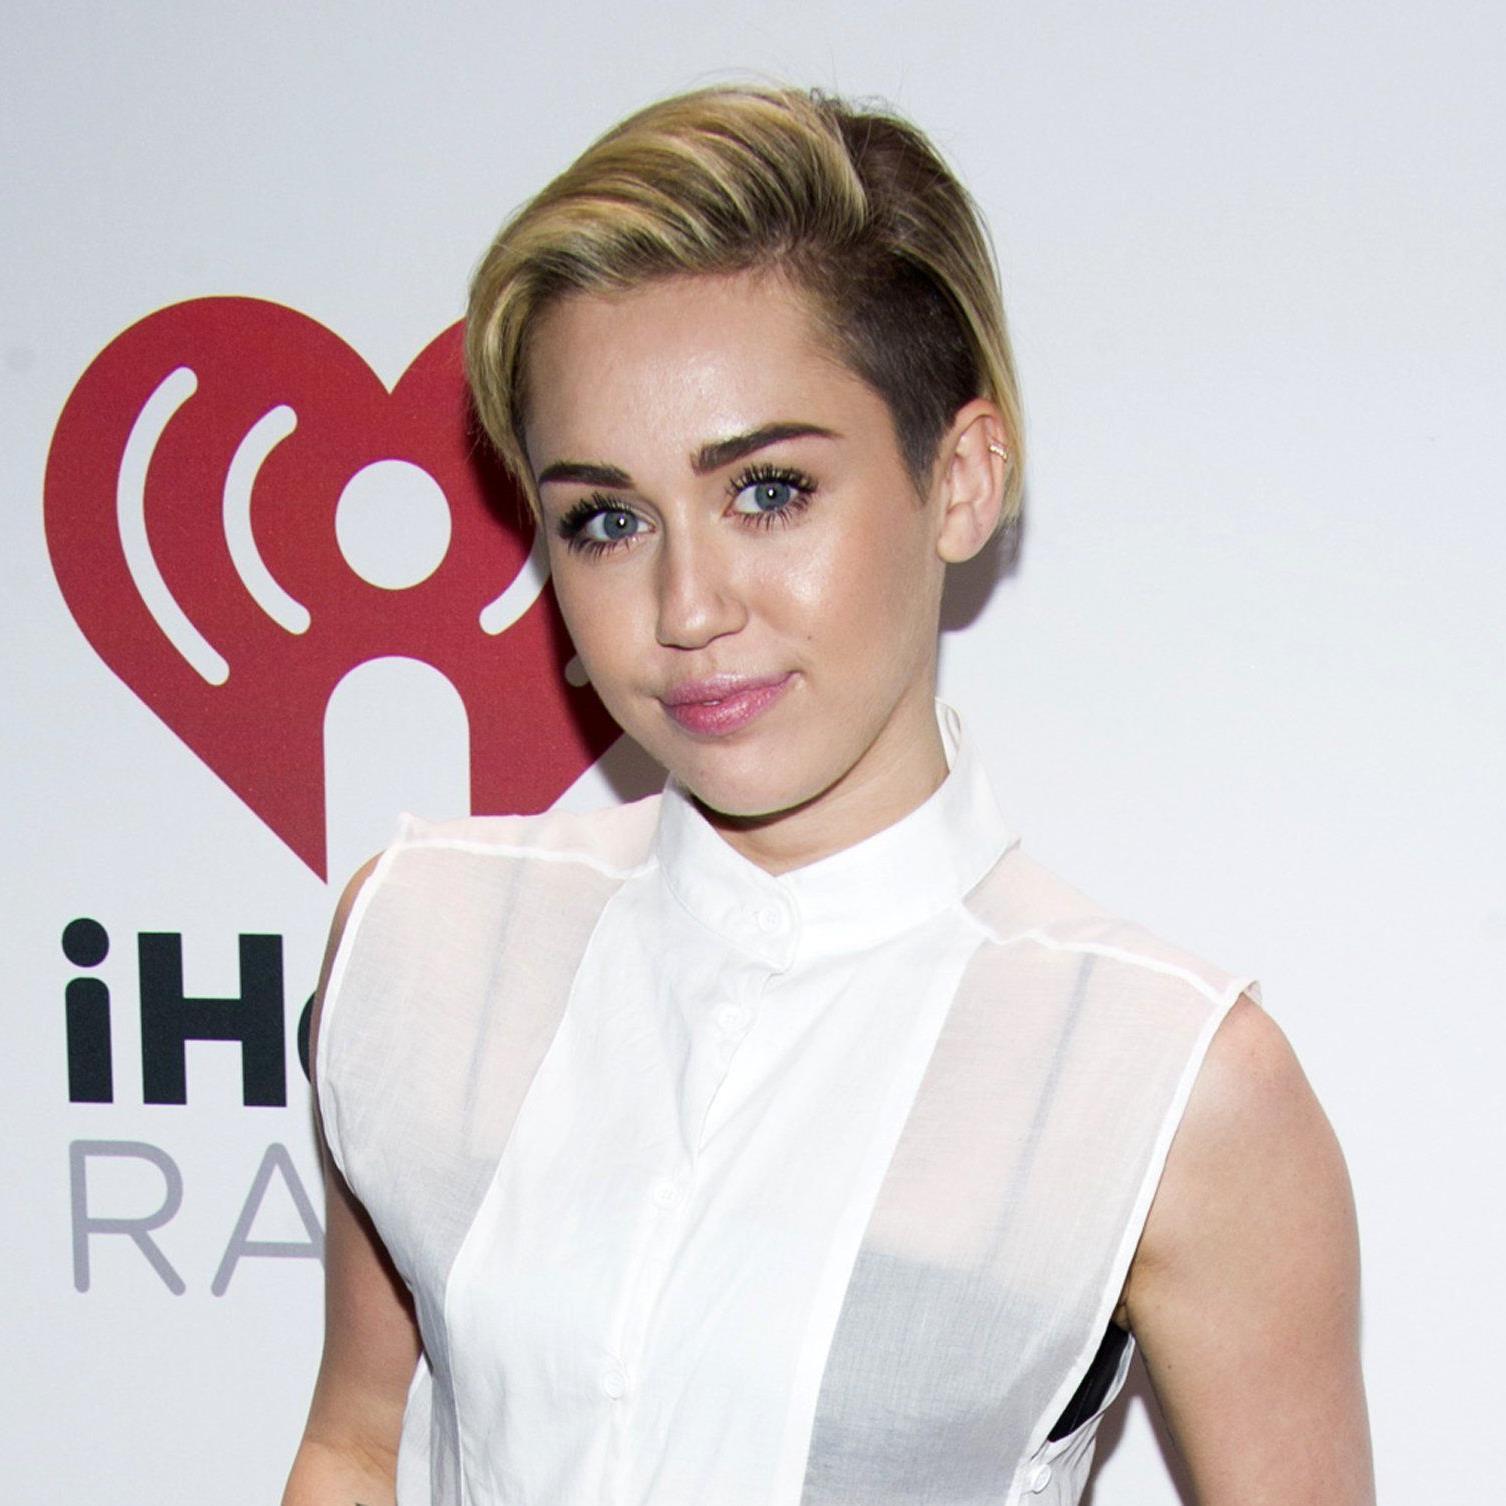 Miley Cyrus bestätigte nun öffentlich ihre Beziehung zu Patrick Schwarzenegger.